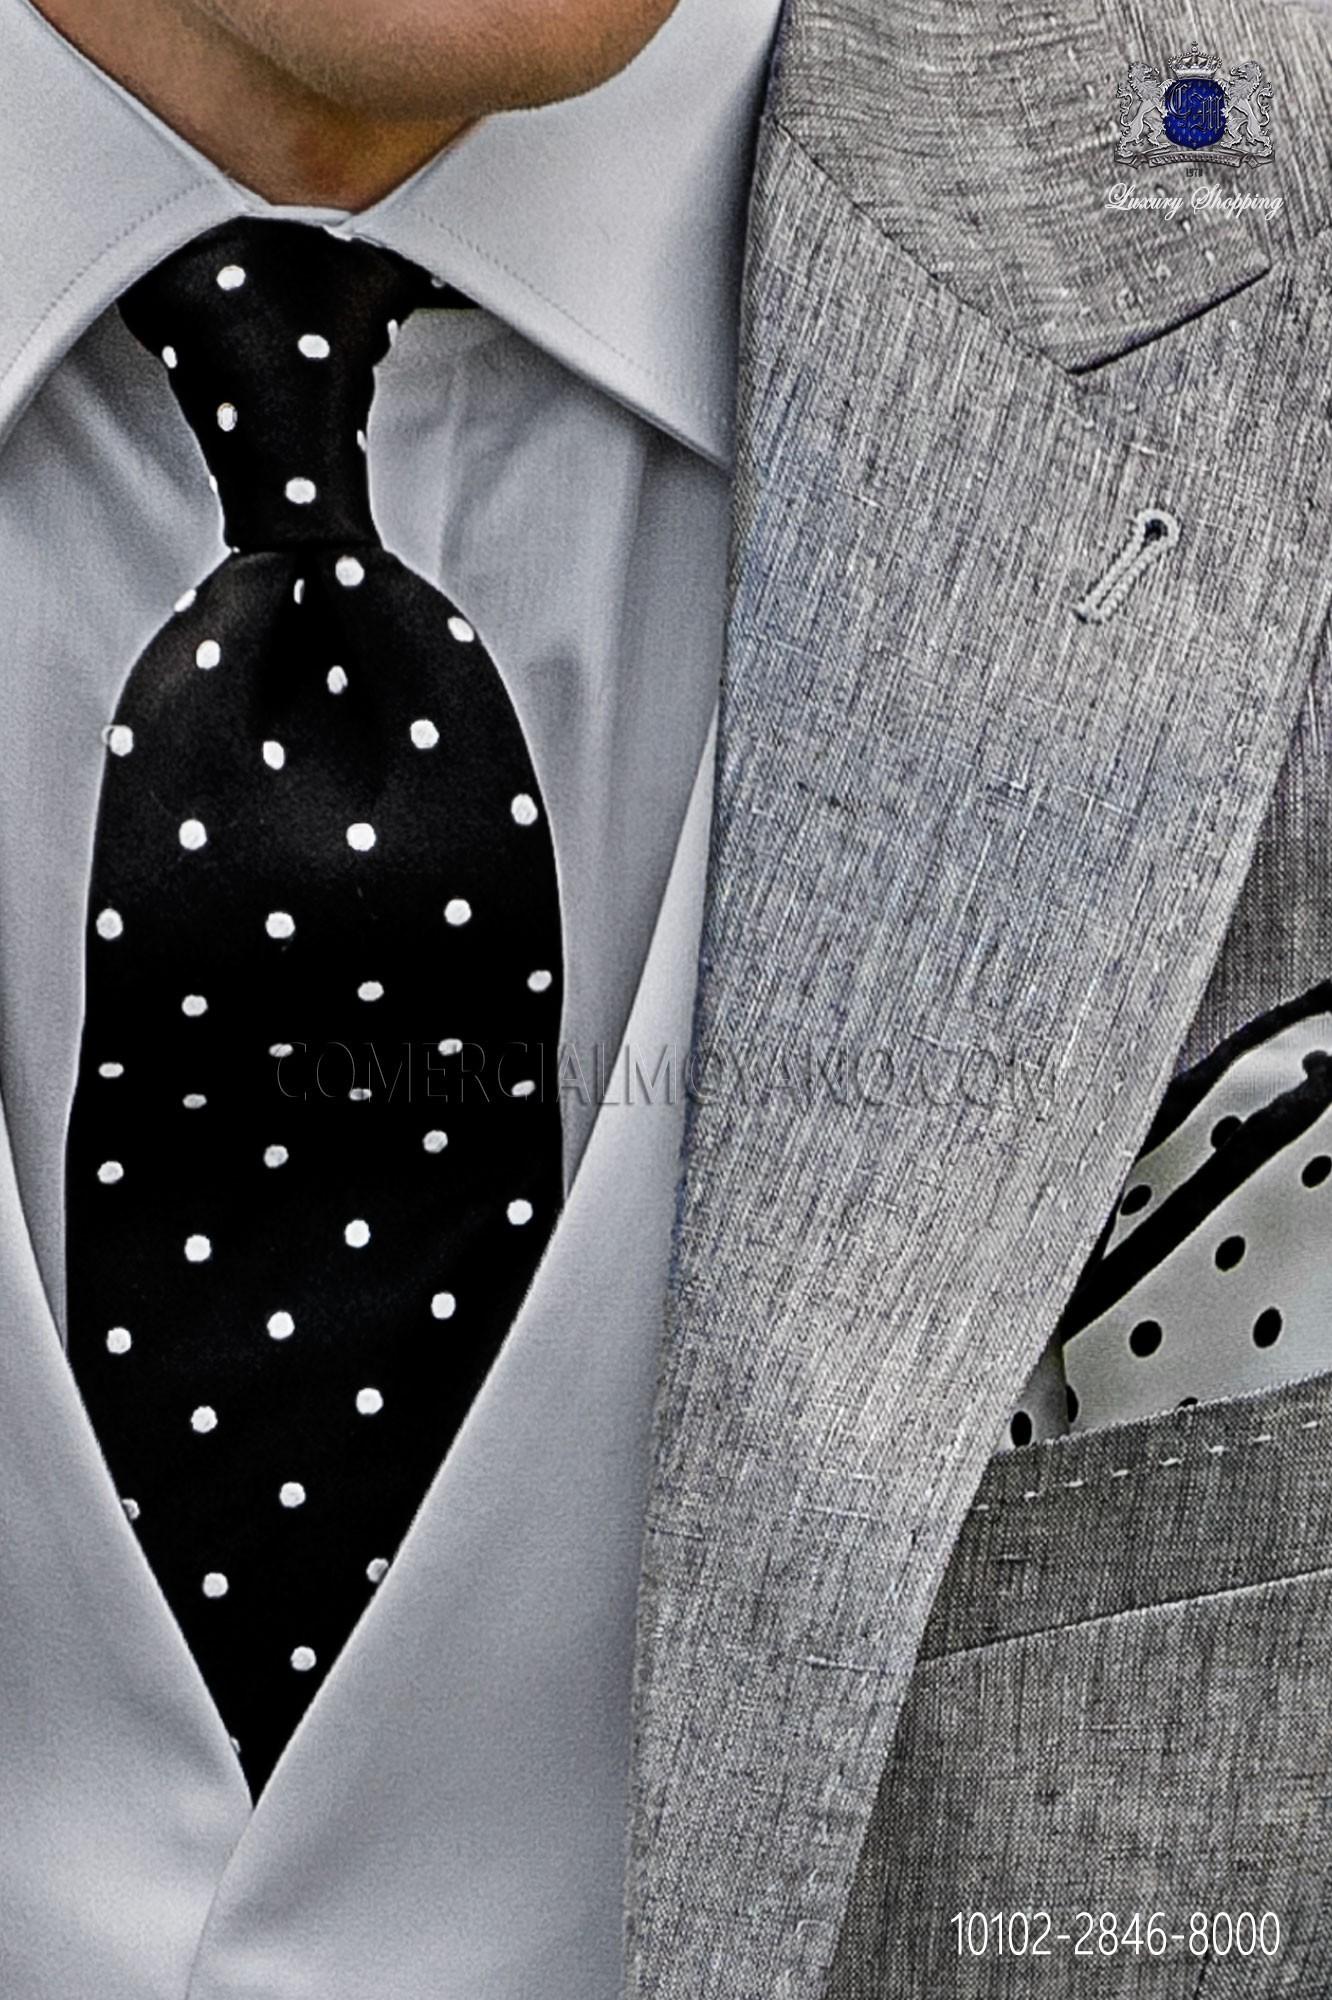 captura zapatillas de deporte para baratas salida para la venta Corbata negra de seda con topos blancos